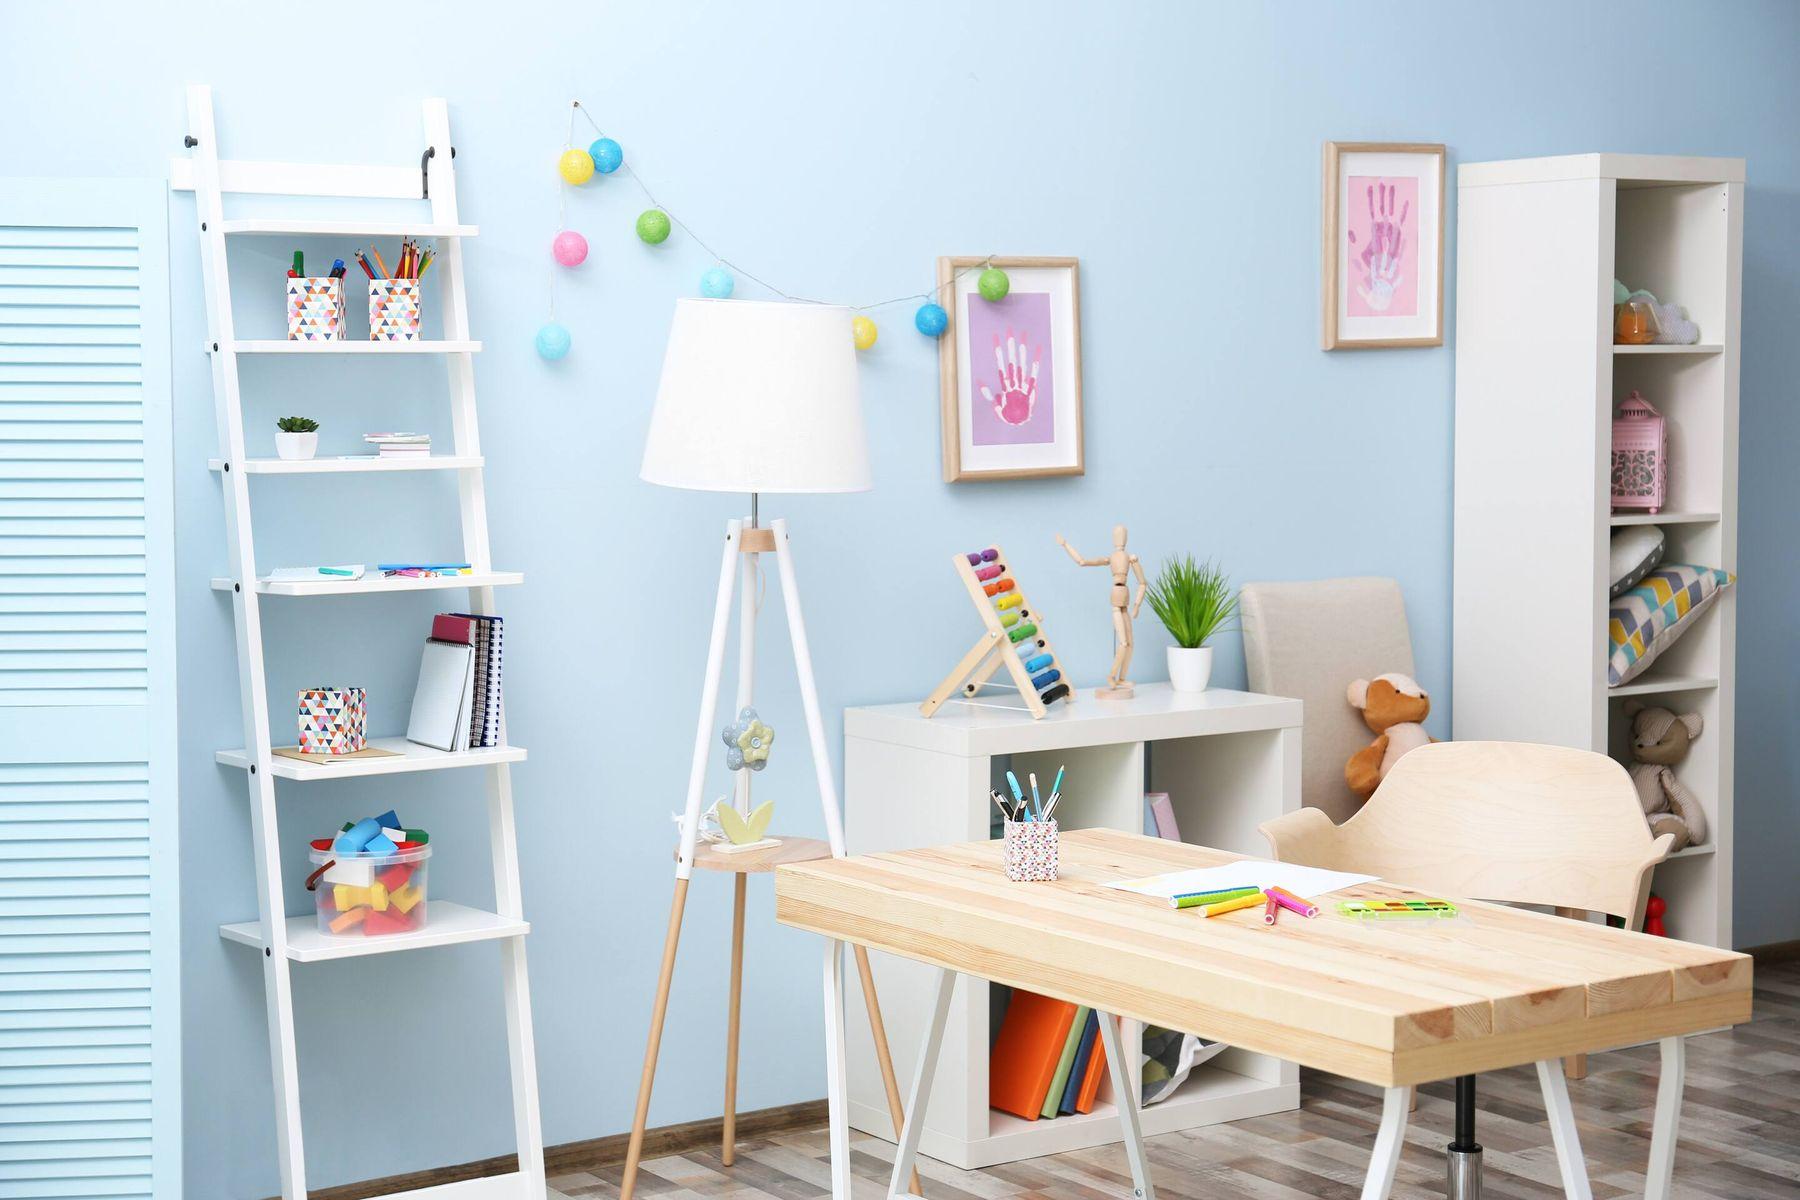 अपने बच्चों के लिए स्टडी टेबल बनाने के लिए किन बातों का ख़्याल रखें | क्लीएनीपीडिया